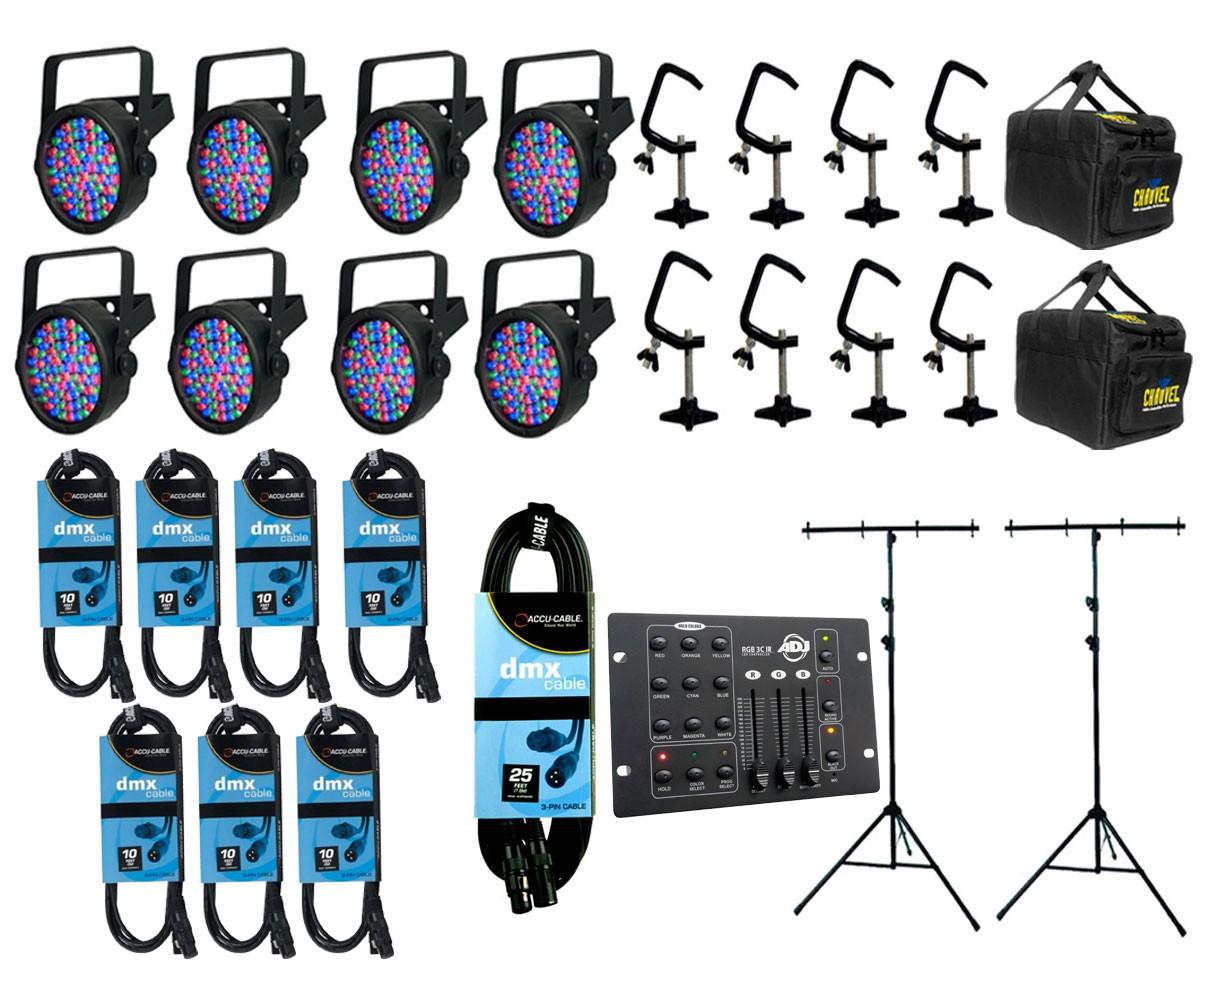 8x CHAUVET DJ SlimPAR 56 + Bags + Clamps + Controller + Cables & Truss